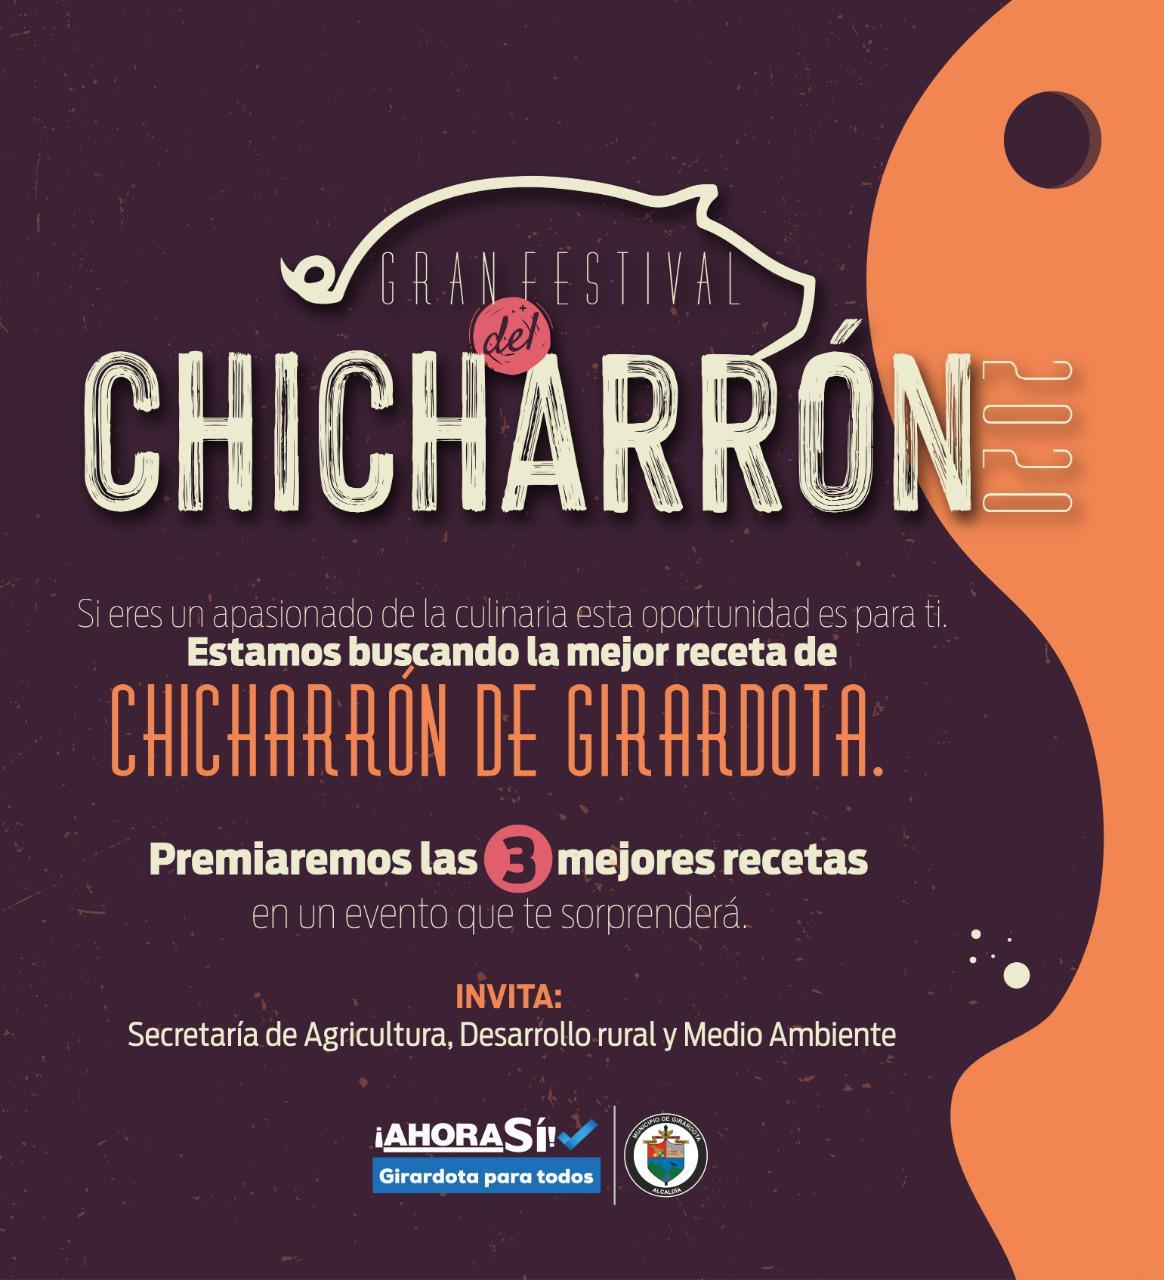 Girardota realizará el primer festival del Chicharrón